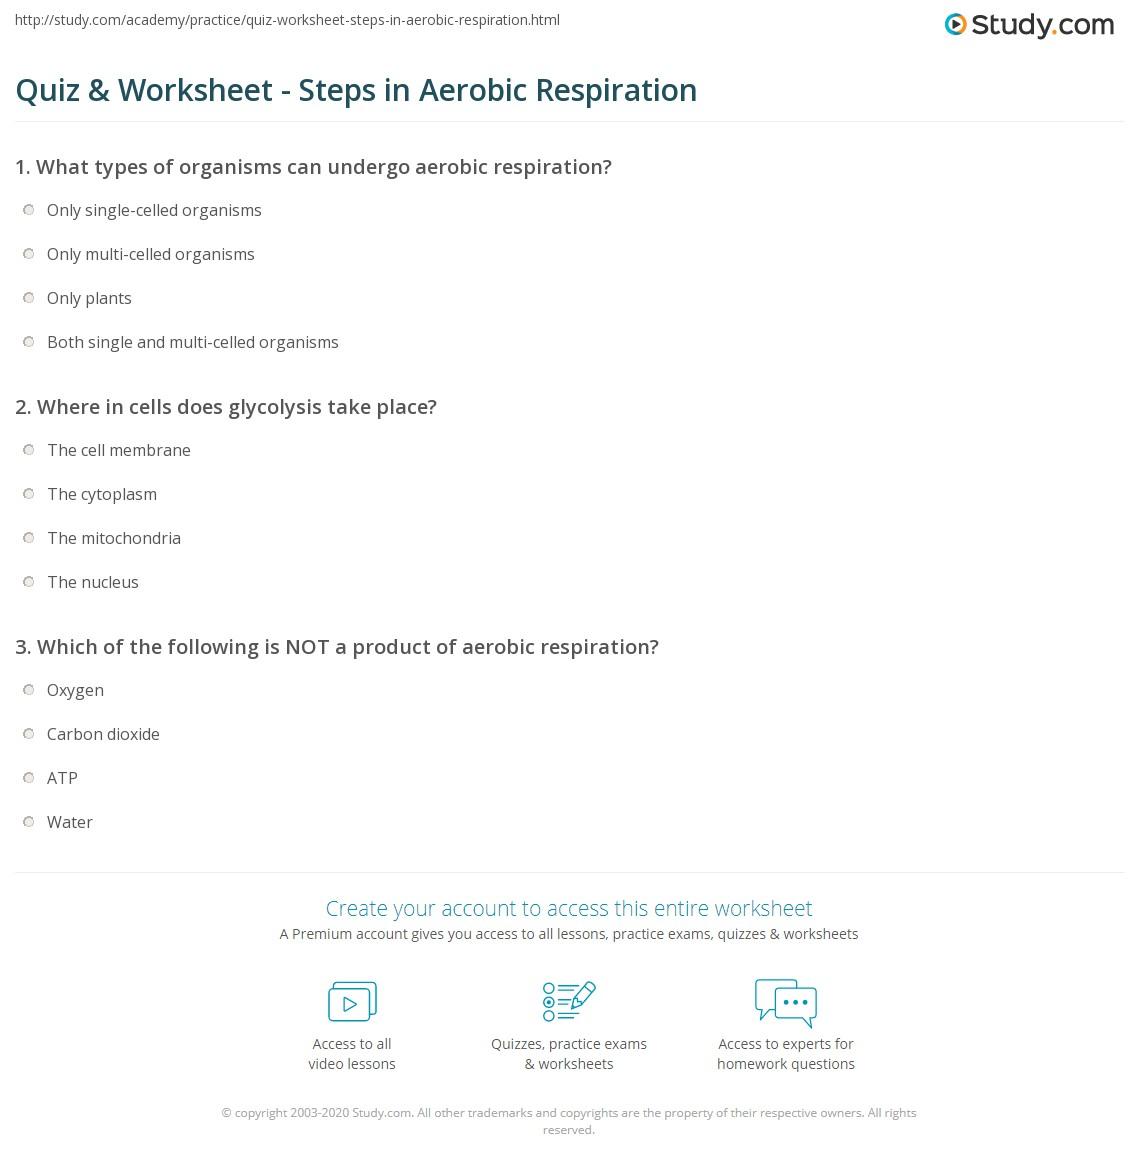 Quiz Worksheet Steps in Aerobic Respiration – Aerobic Respiration Worksheet